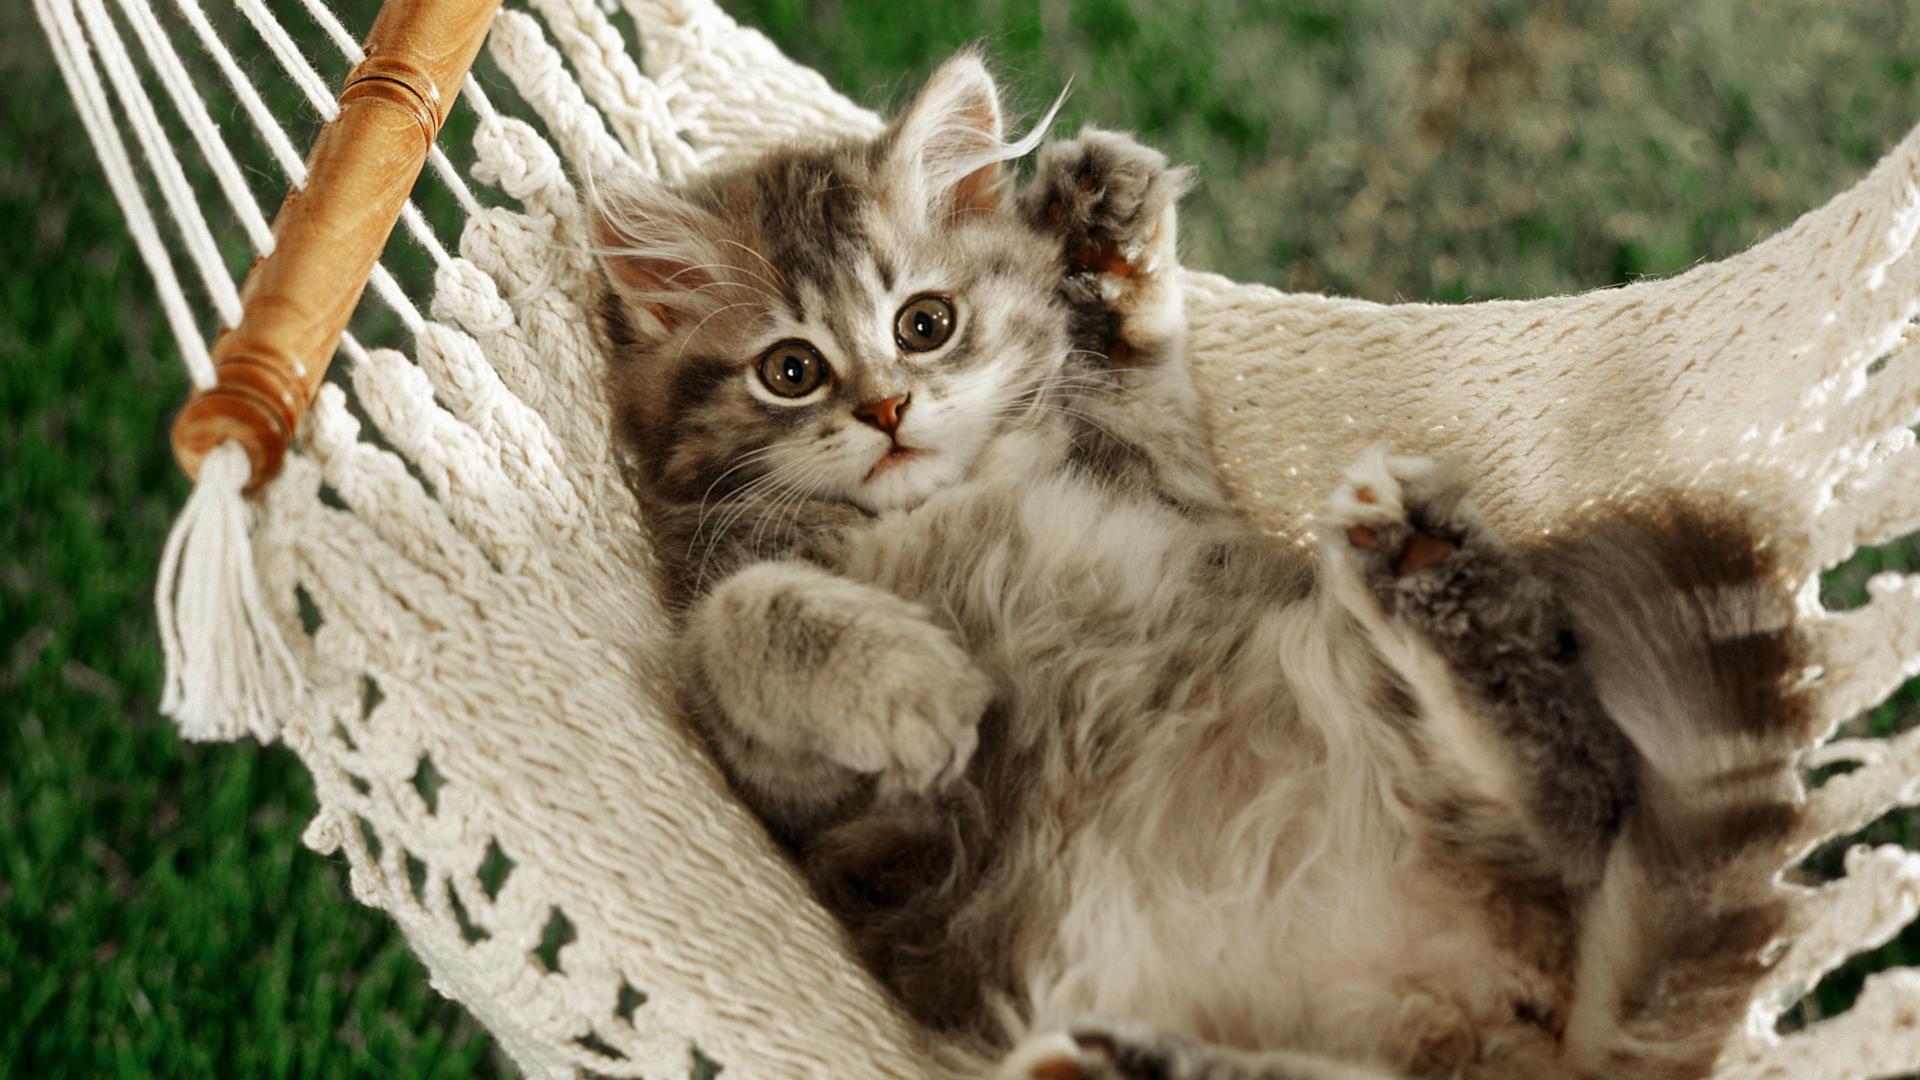 بالصور قطط جميلة , اجمل قطة في العالم 687 9